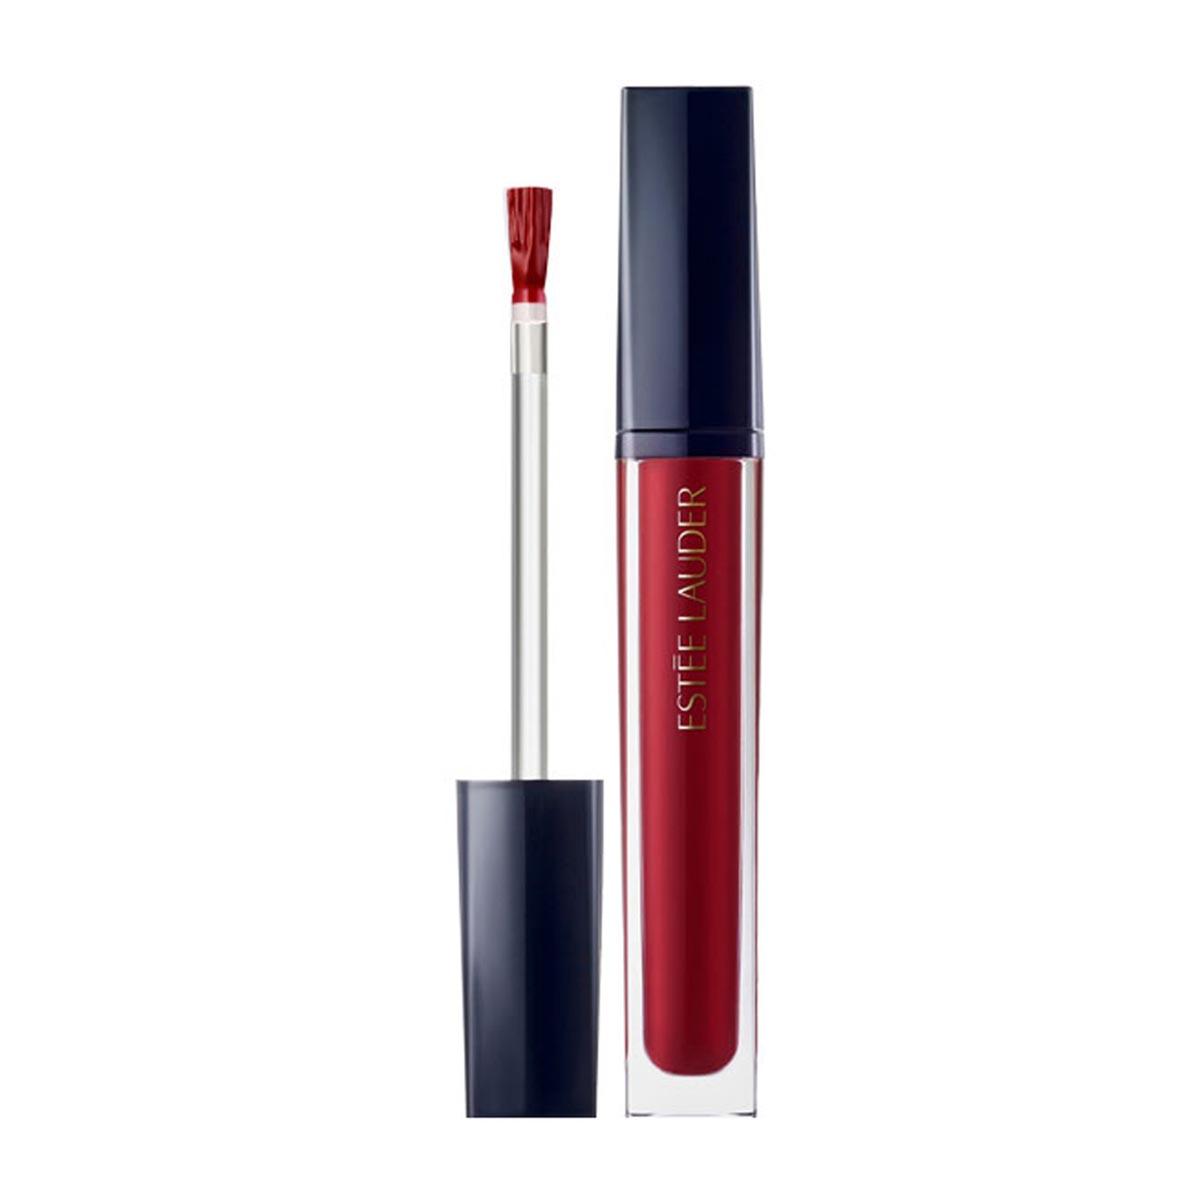 Estee lauder pure color envy lipgloss 307 wicked gleam